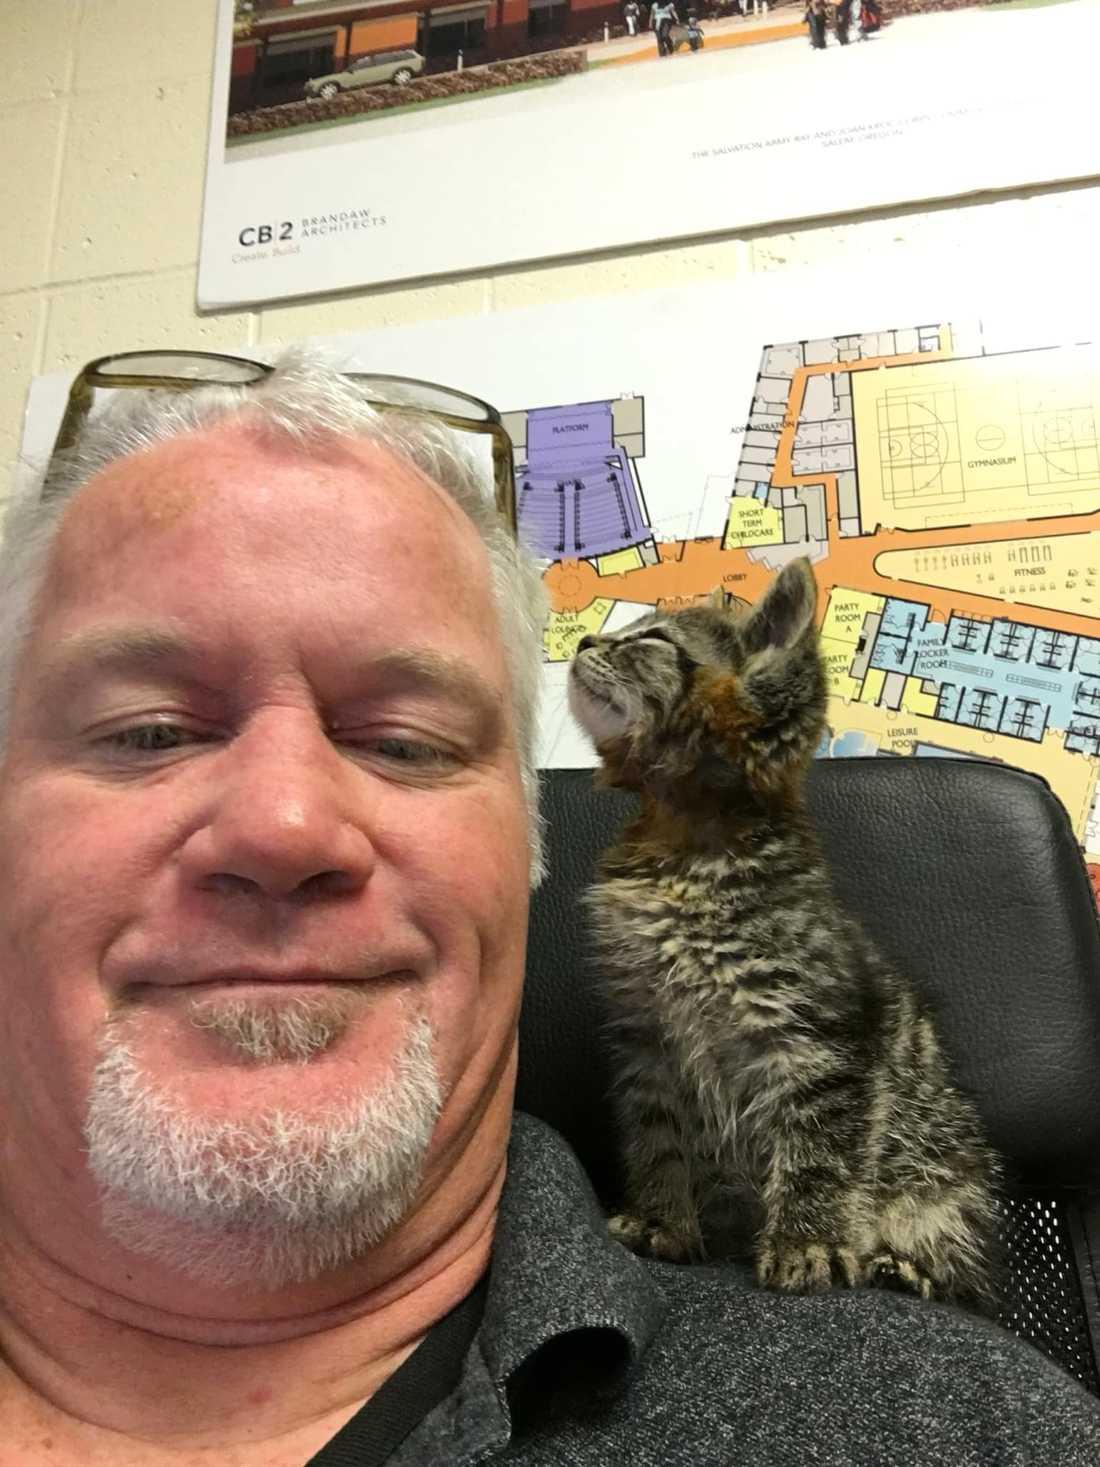 Chuck räddade katten från vägen.